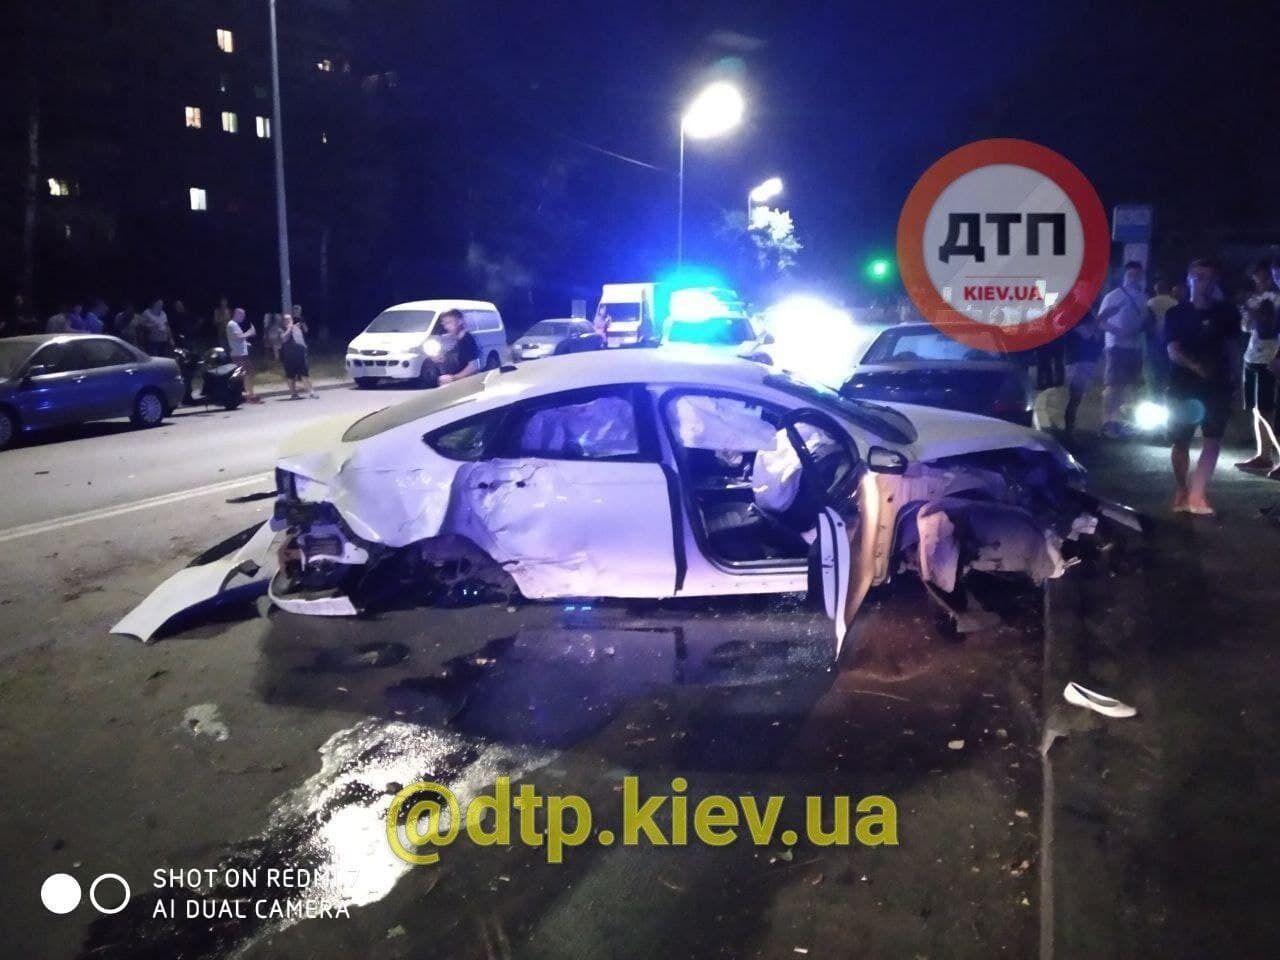 Машина, которая попала в аварию